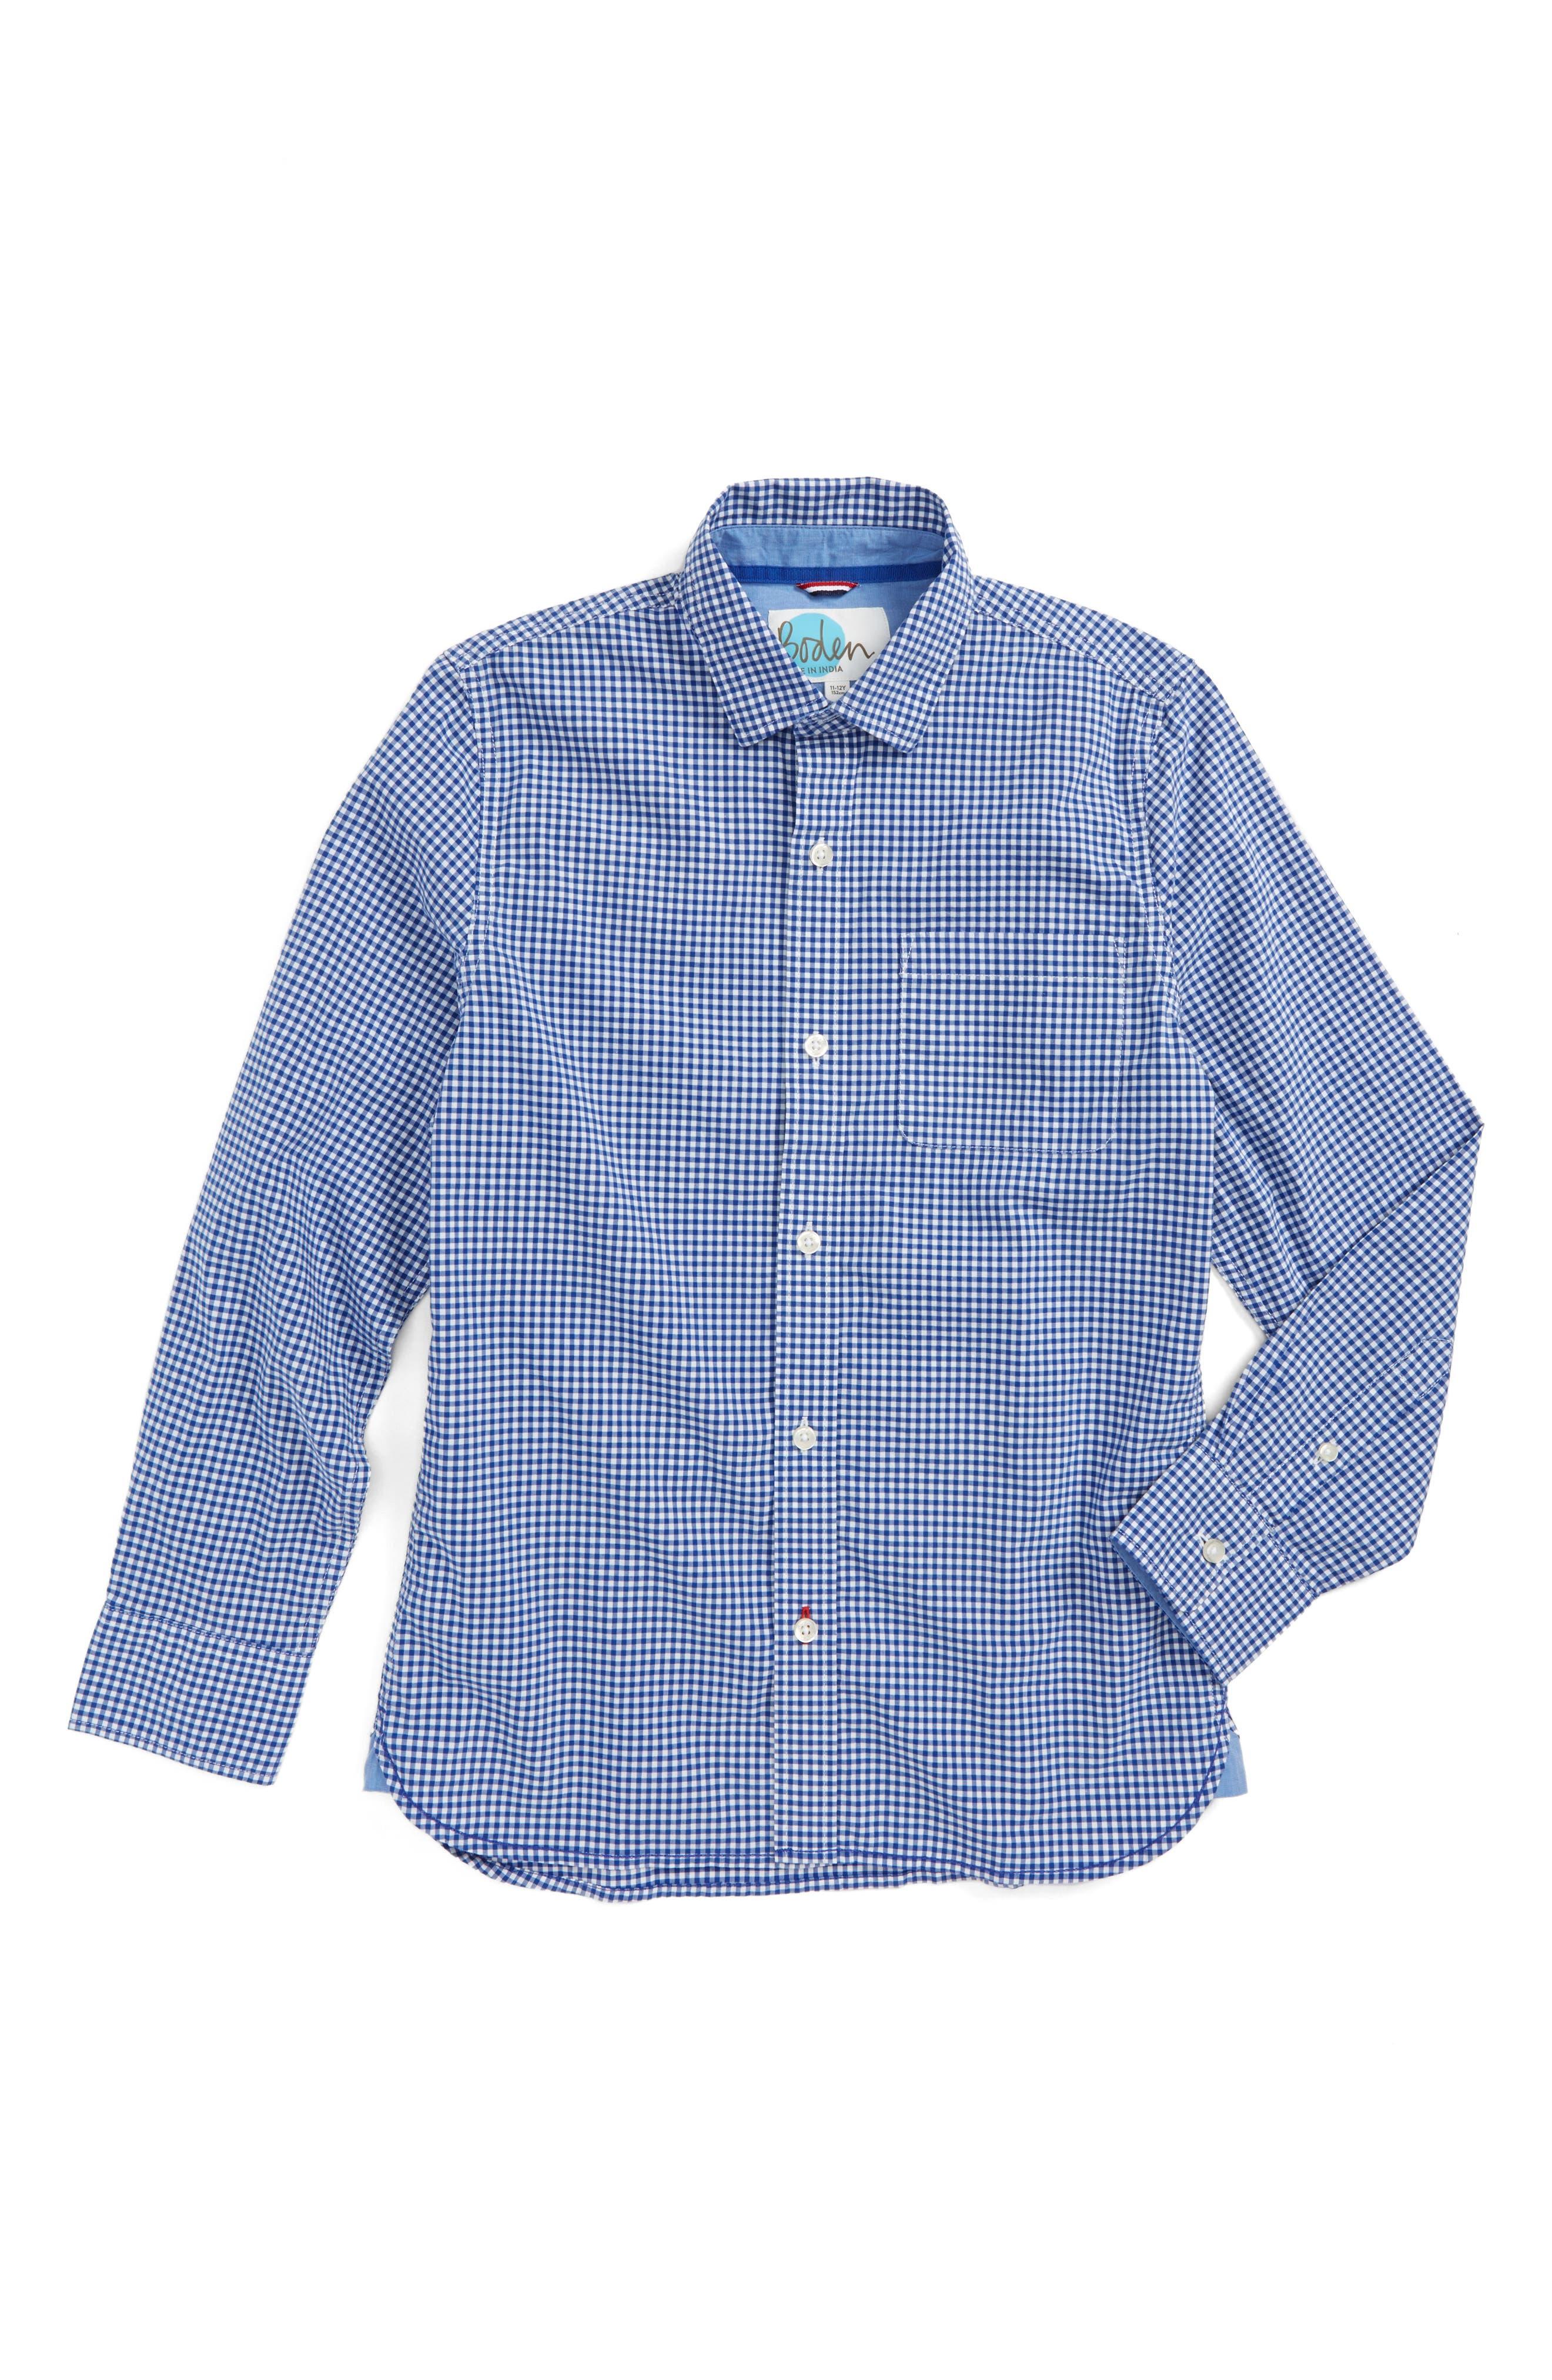 Laundered Shirt,                             Main thumbnail 1, color,                             424